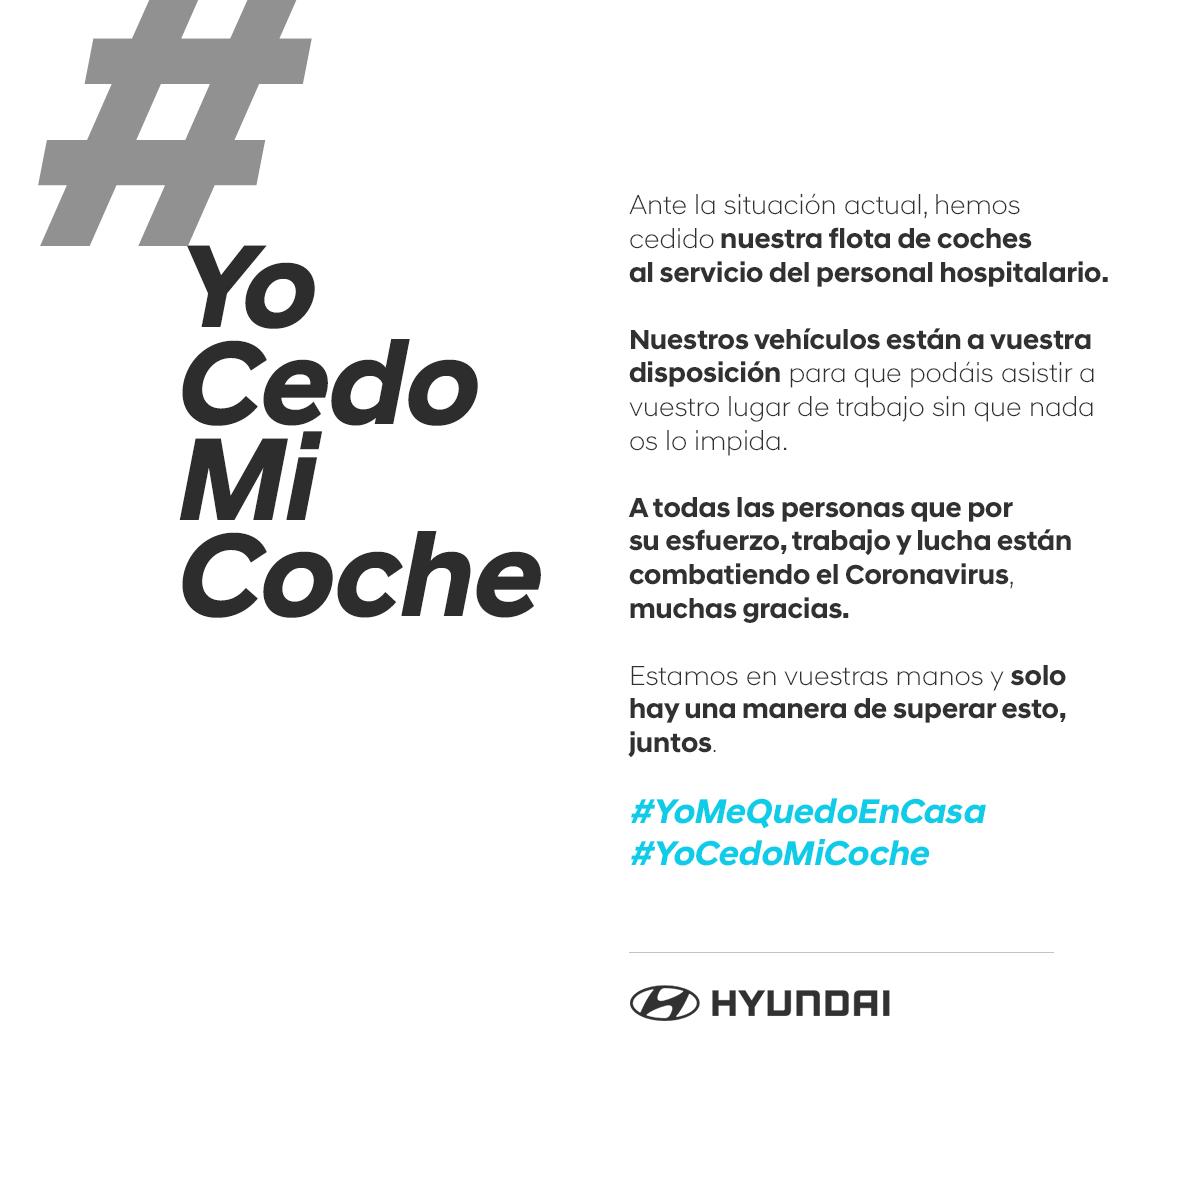 #YoCedoMiCoche la acción solidaria de Hyundai